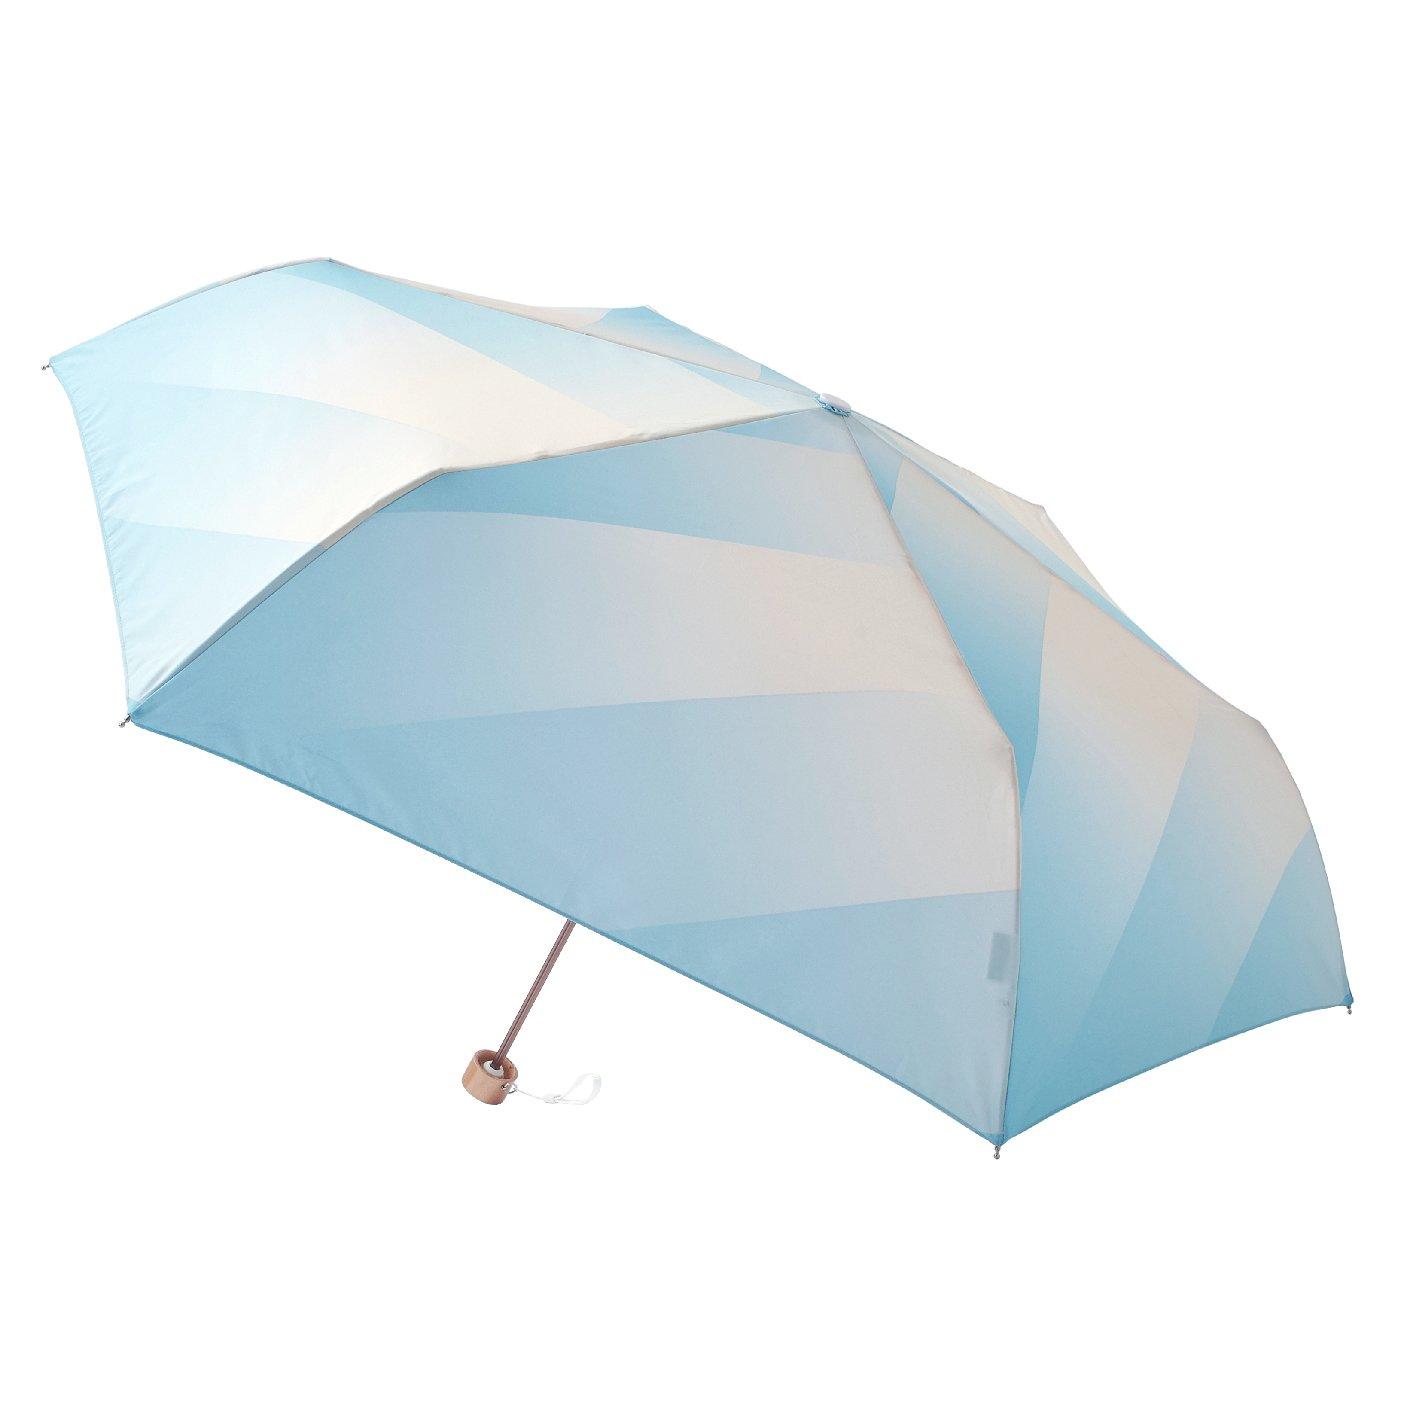 晴雨兼用 UV防止 空に映える estaa / エスタ 『あめあがり』折りたたみ雨傘